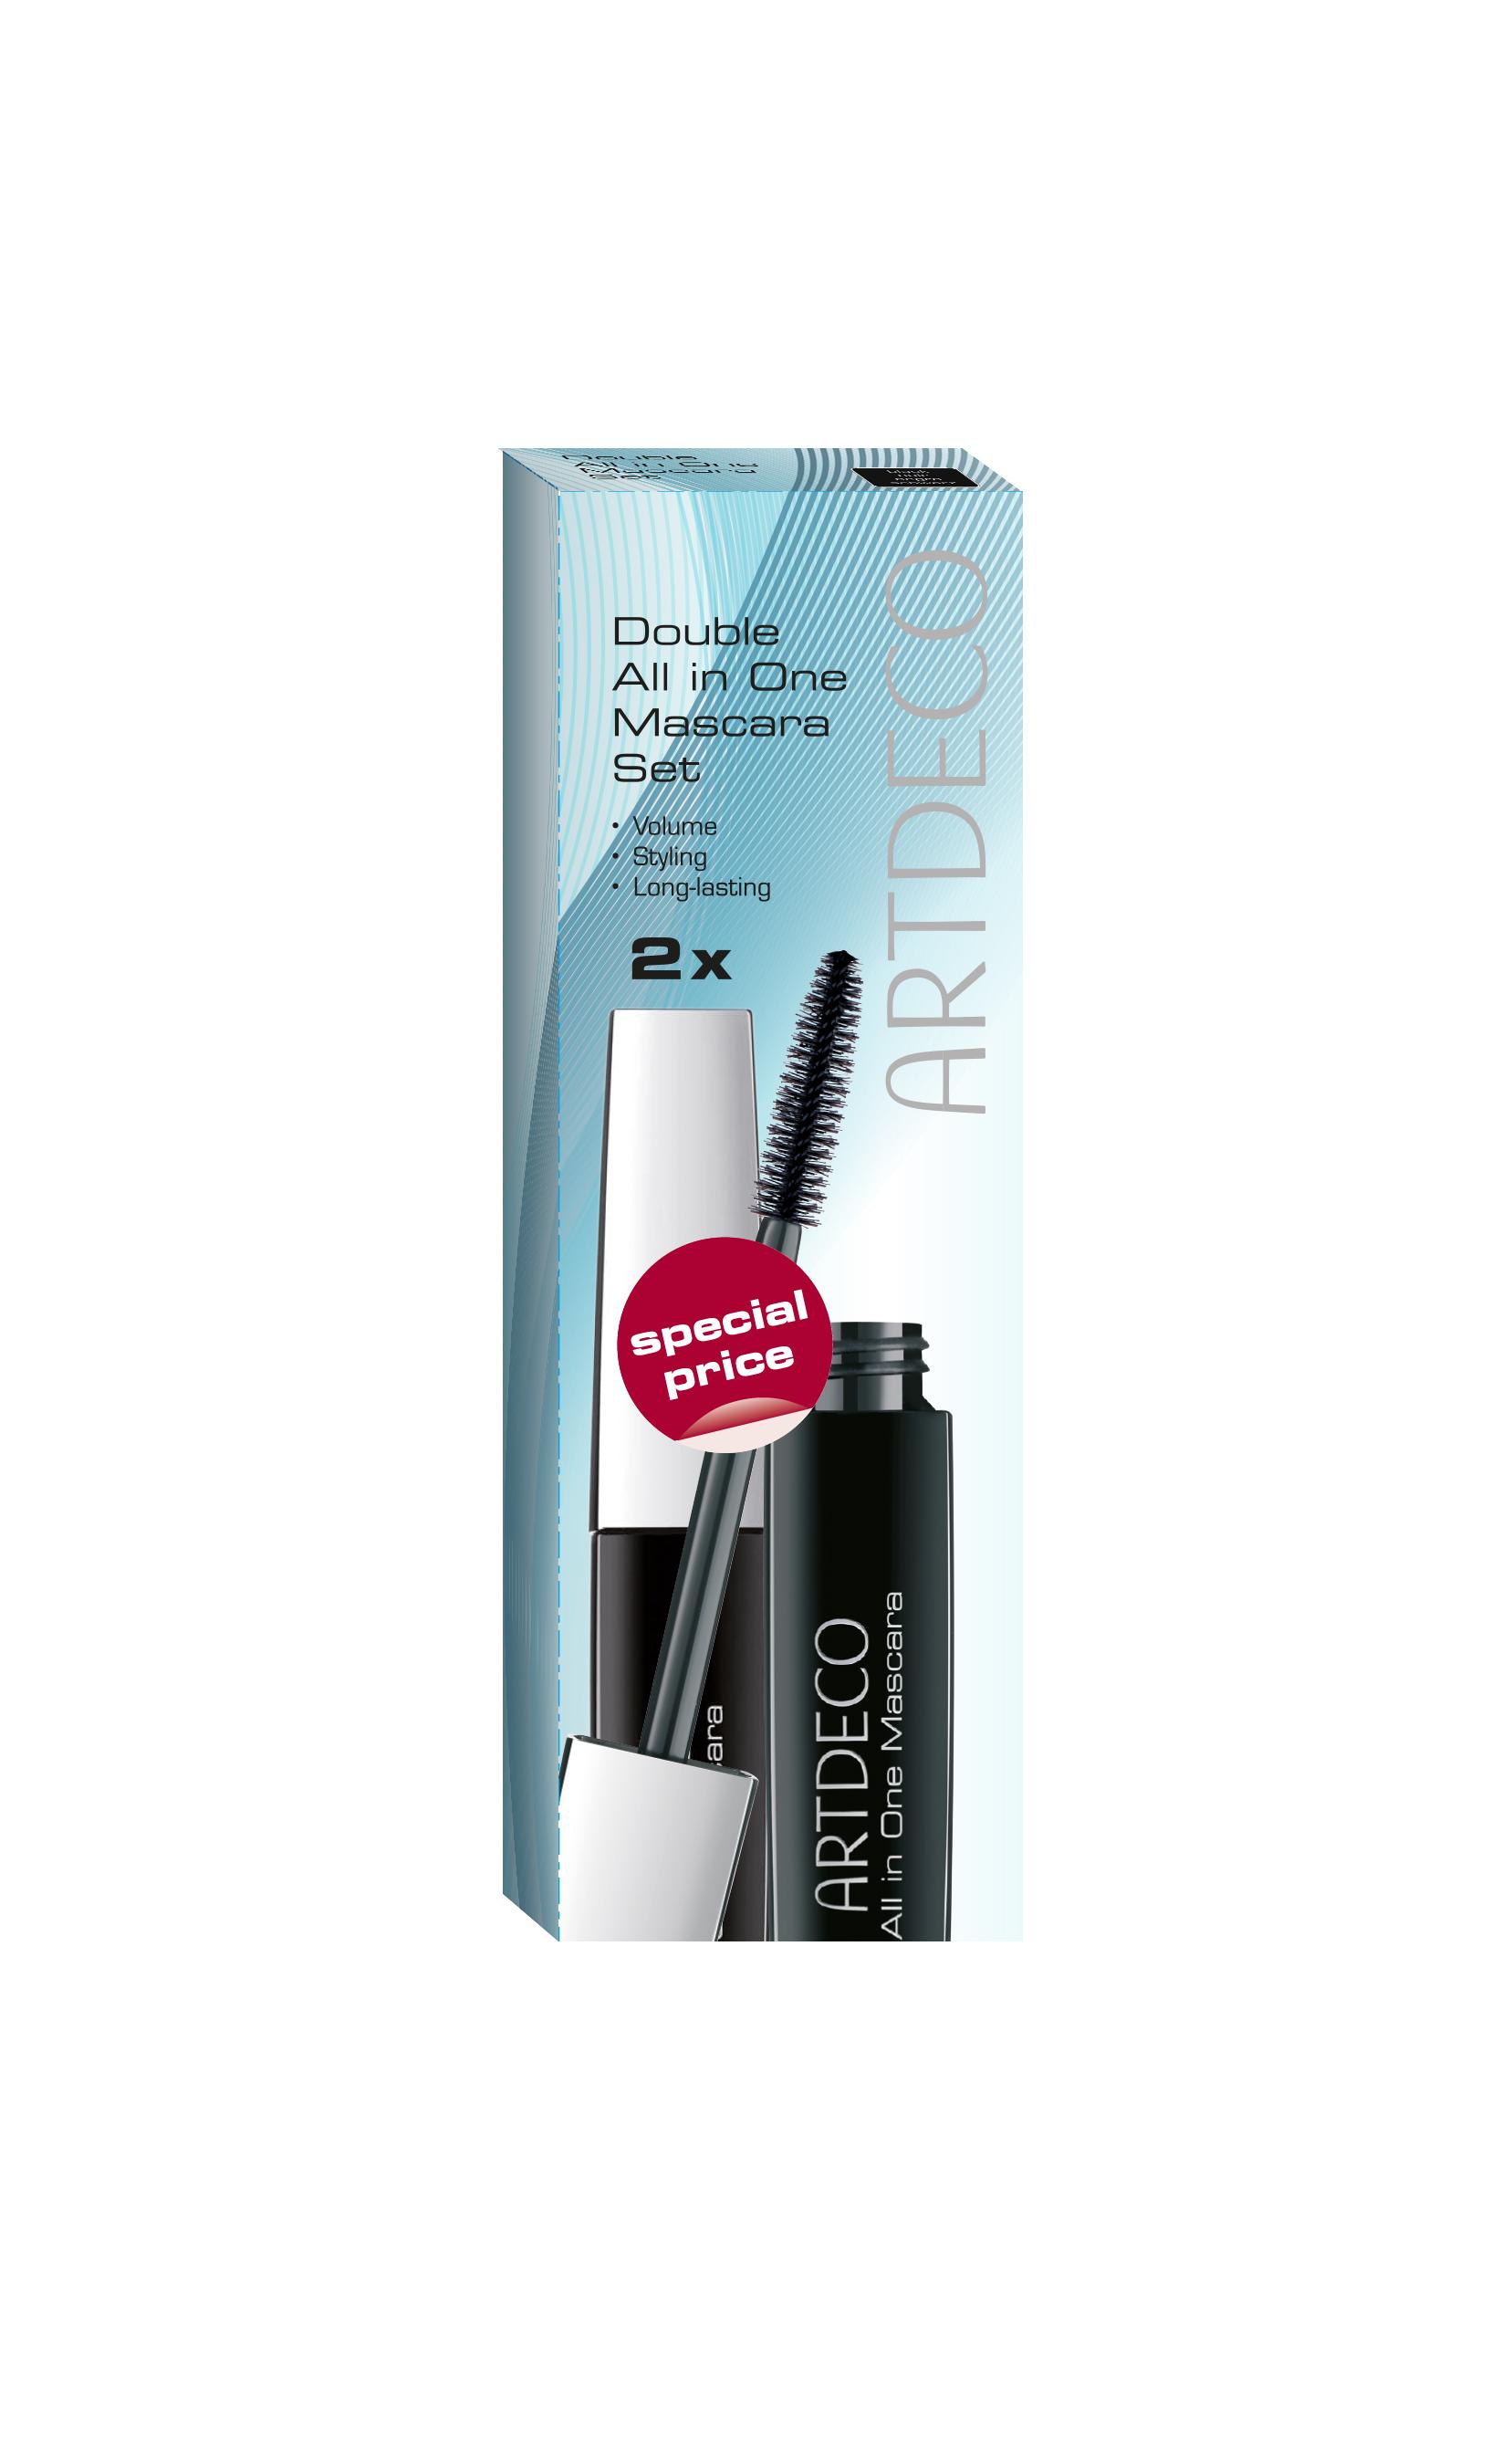 Make Up Günstig Online Kaufen : make up reduziert g nstig online kaufen parf merie rook ~ Eleganceandgraceweddings.com Haus und Dekorationen